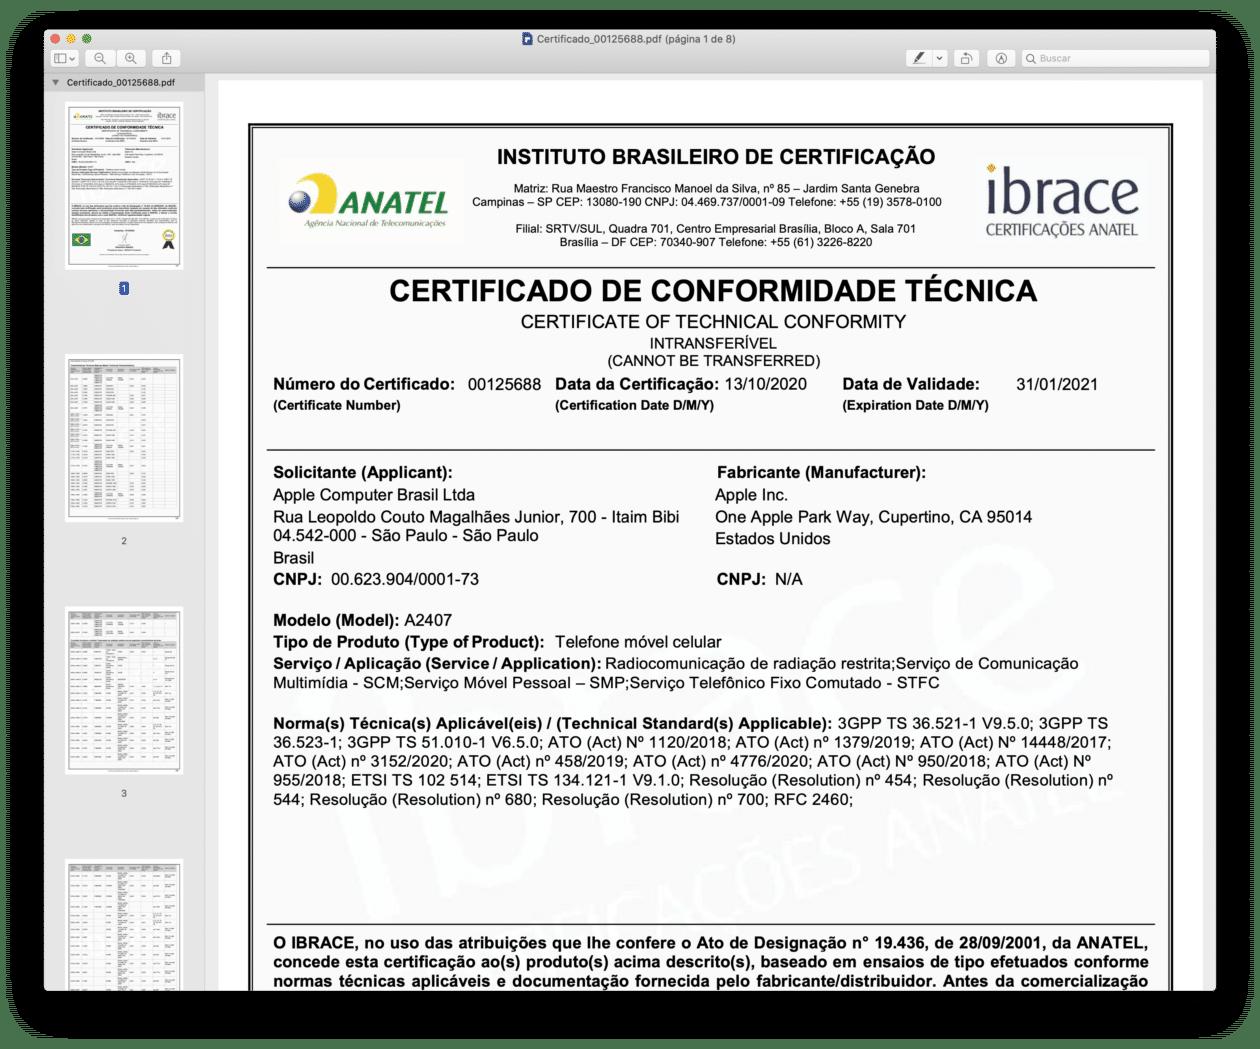 Certificado de Conformidade Técnica do iPhone 12 Pro (A2407)